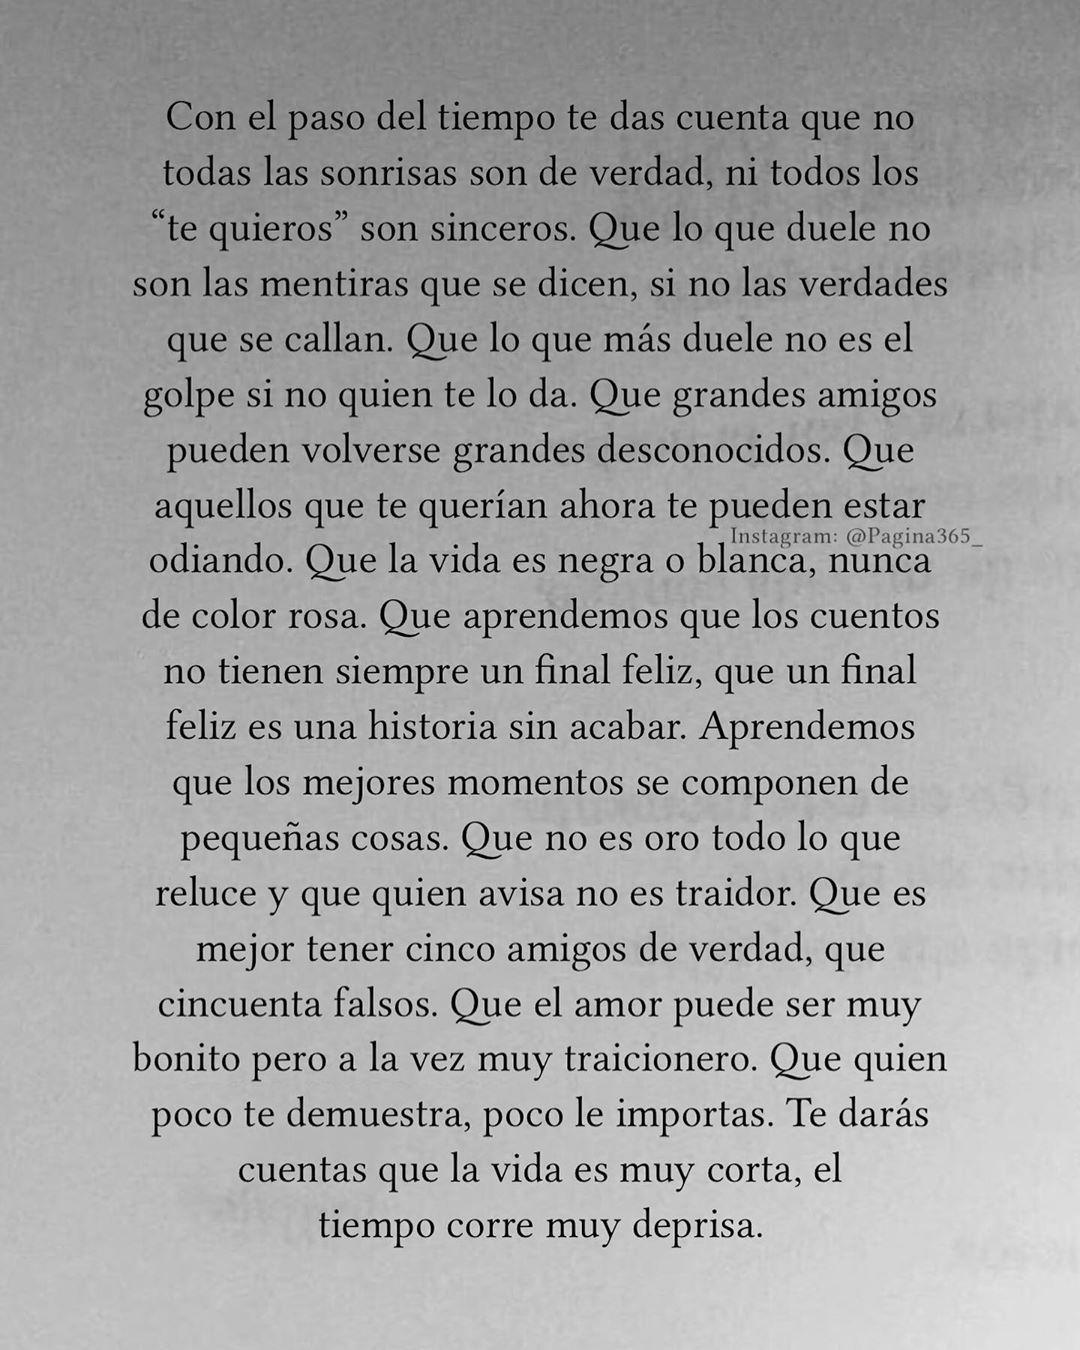 """Página 365 📖 on Instagram: """"Página 263 de 365 #Pagina365 📜 📜 📜 📜 📜 #frases #textos #letras #citas #versos #escritos #reflexiones #poema #pensamientos #sentimientos…"""""""